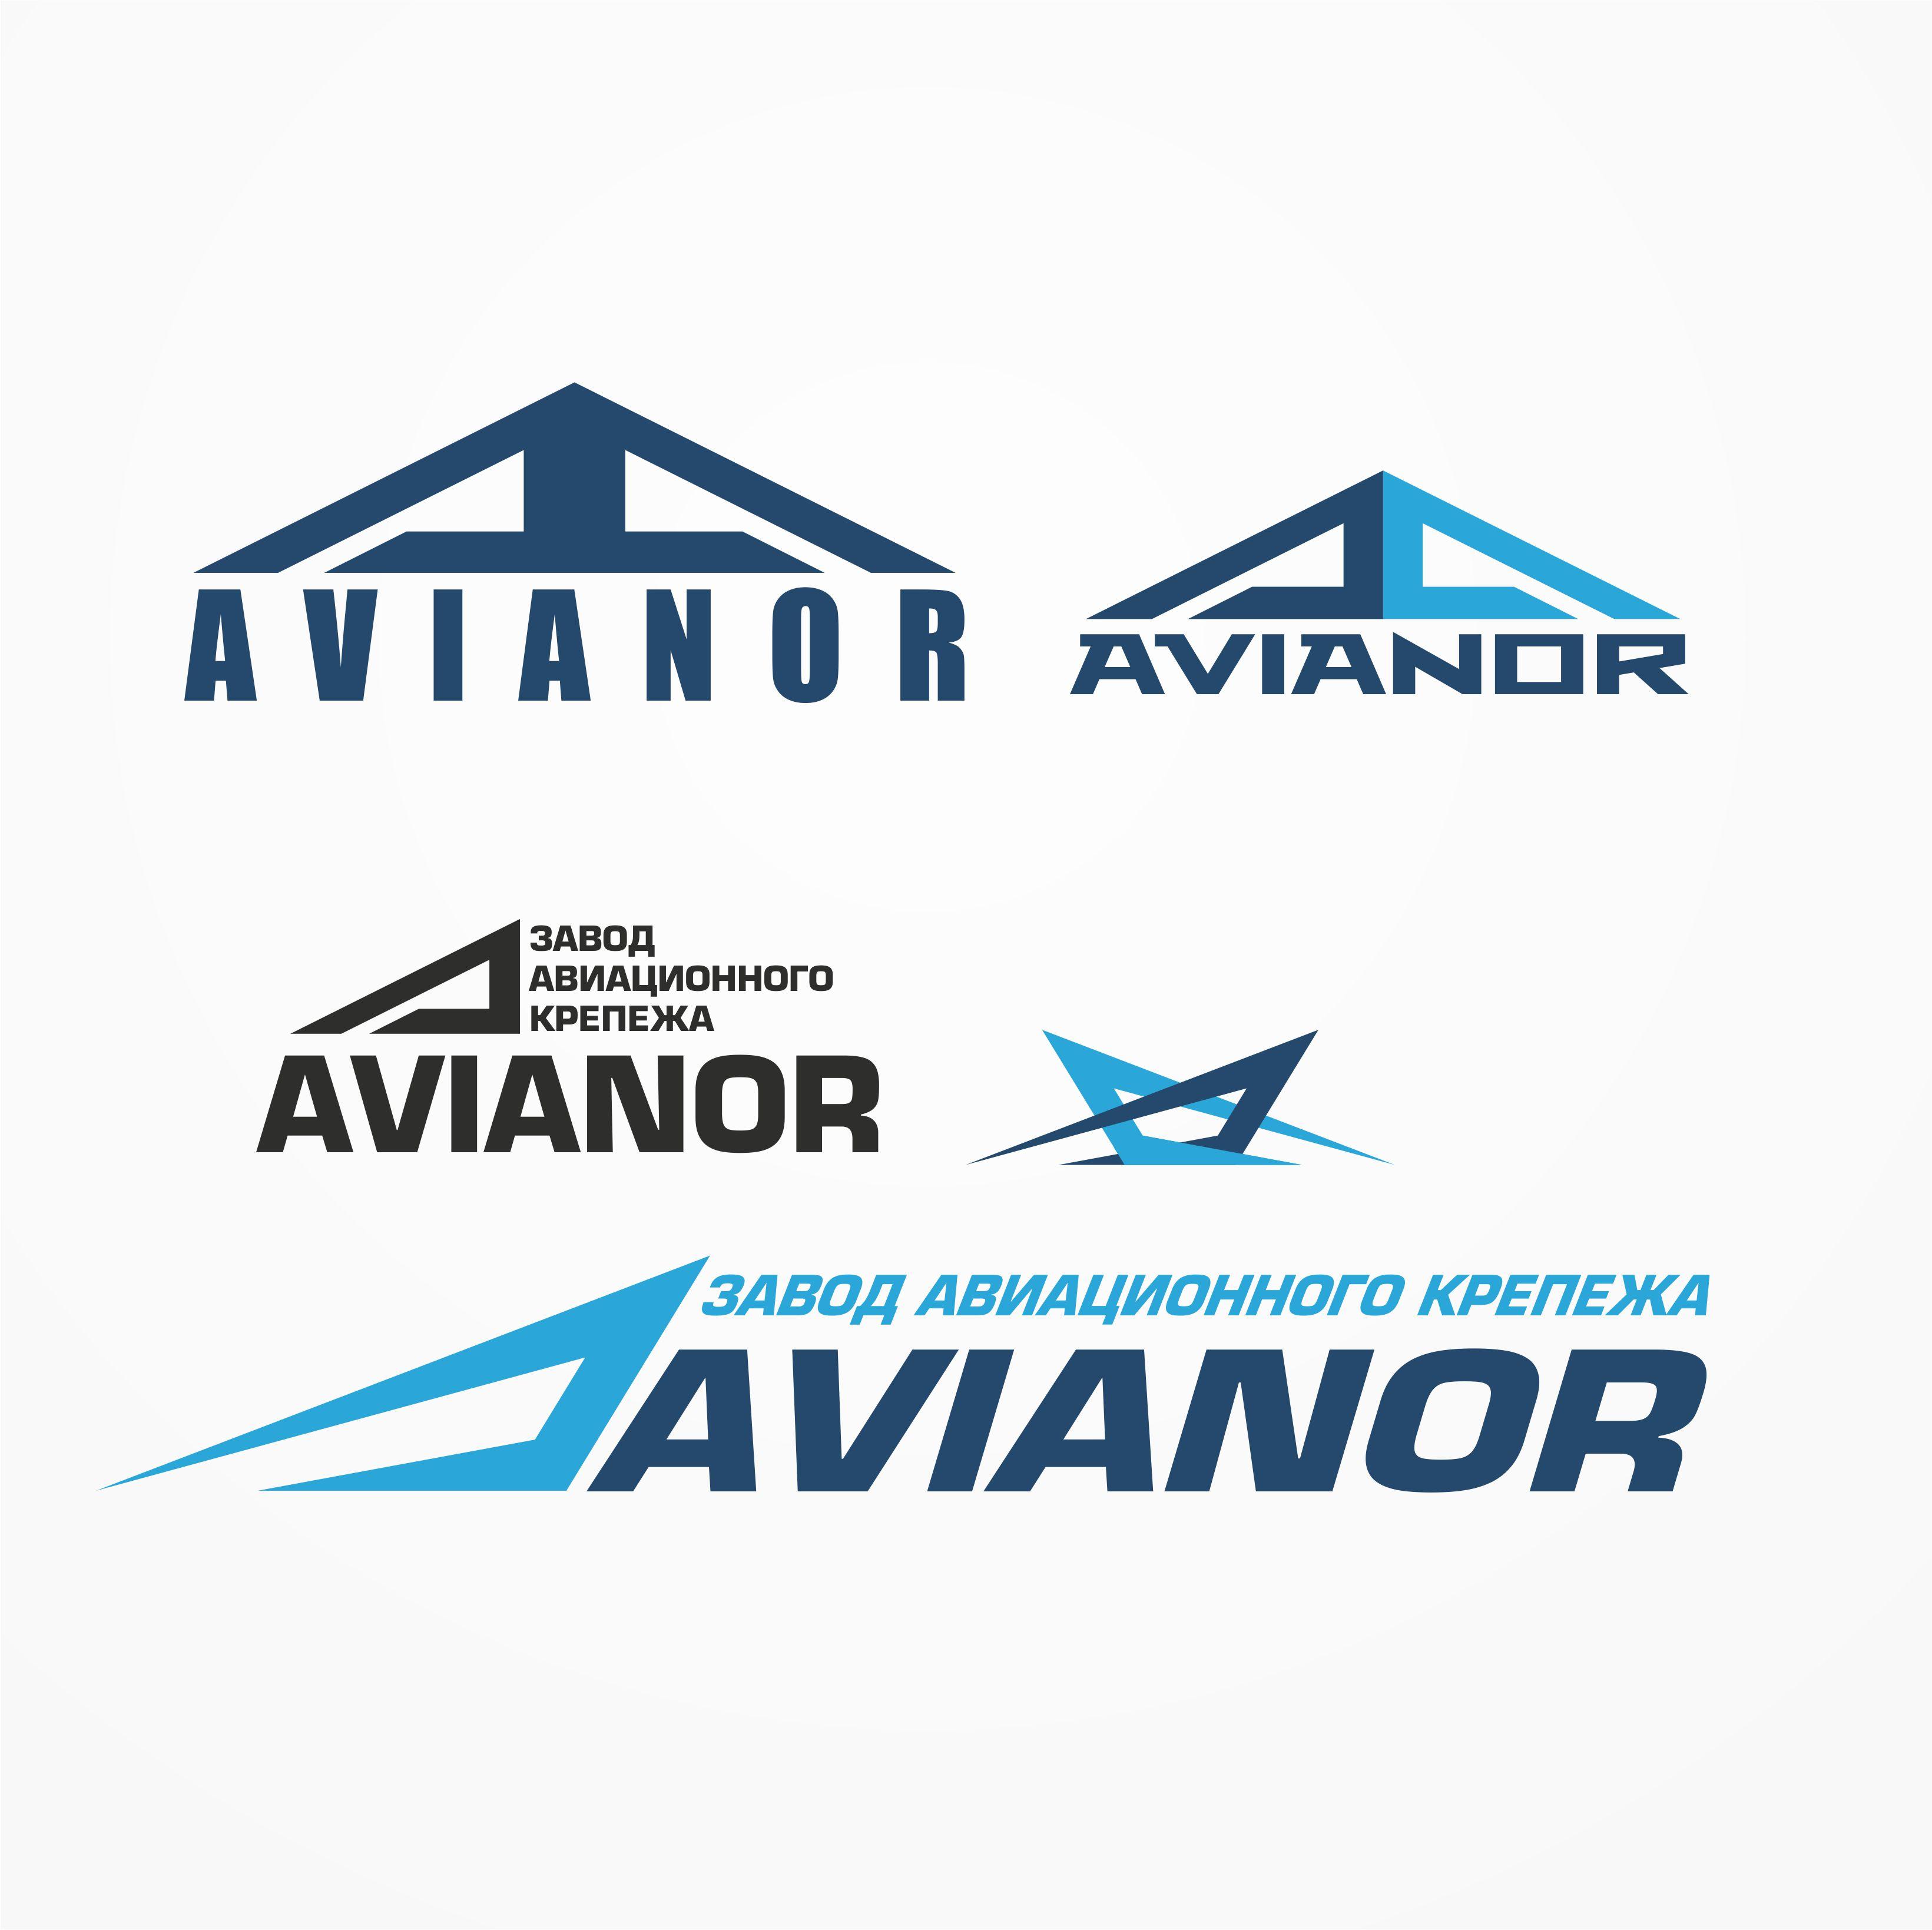 Нужен логотип и фирменный стиль для завода фото f_9645293356af254a.jpg